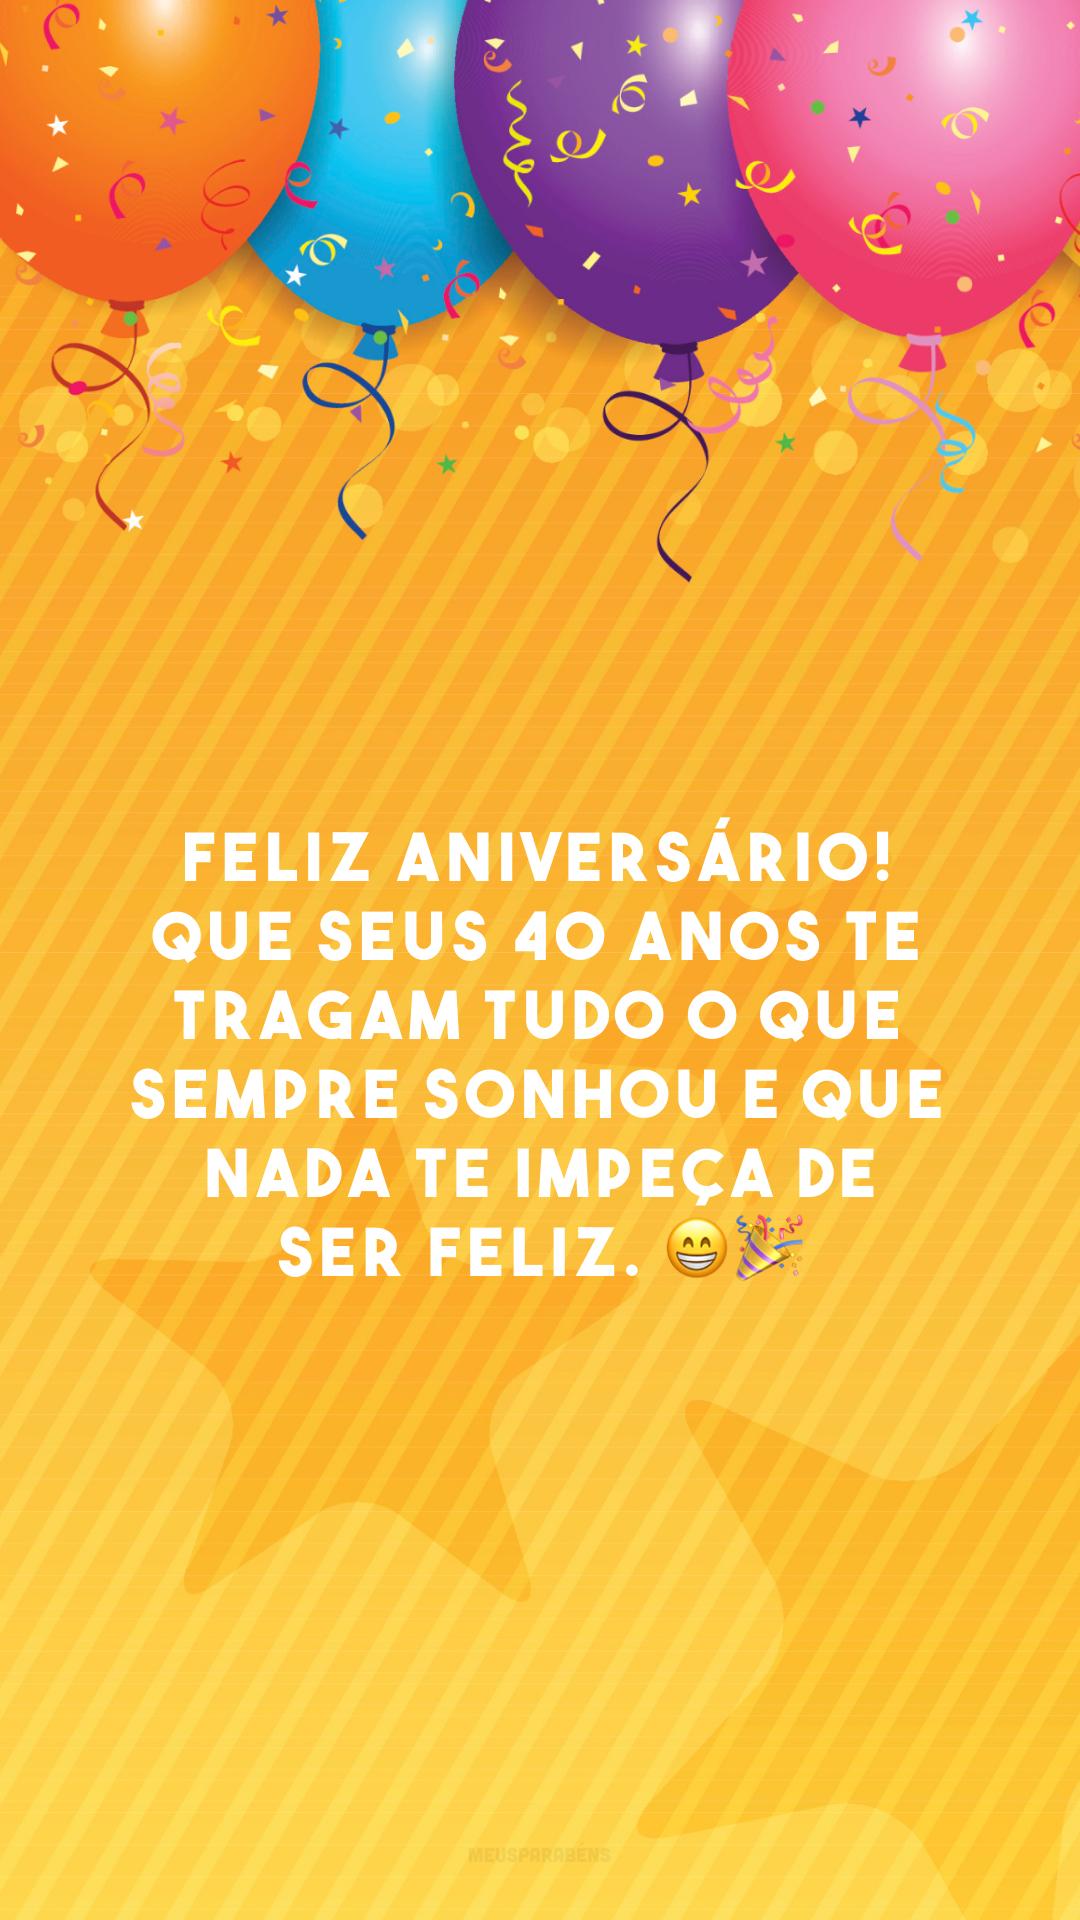 Feliz aniversário! Que seus 40 anos te tragam tudo o que sempre sonhou e que nada te impeça de ser feliz. 😁🎉